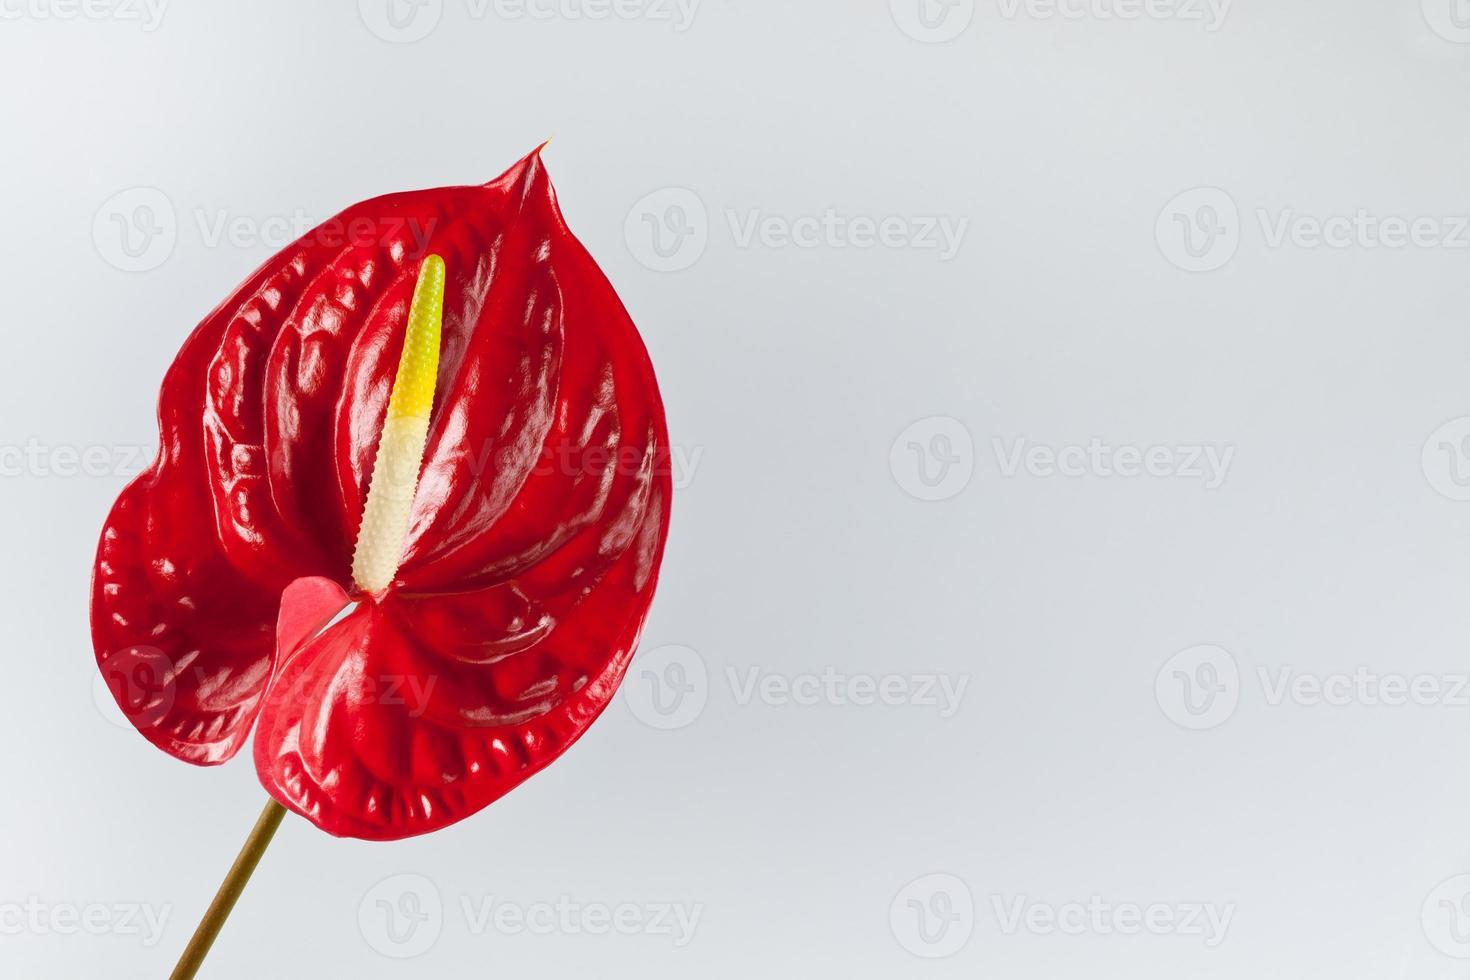 fiore di fenicottero rosso foto